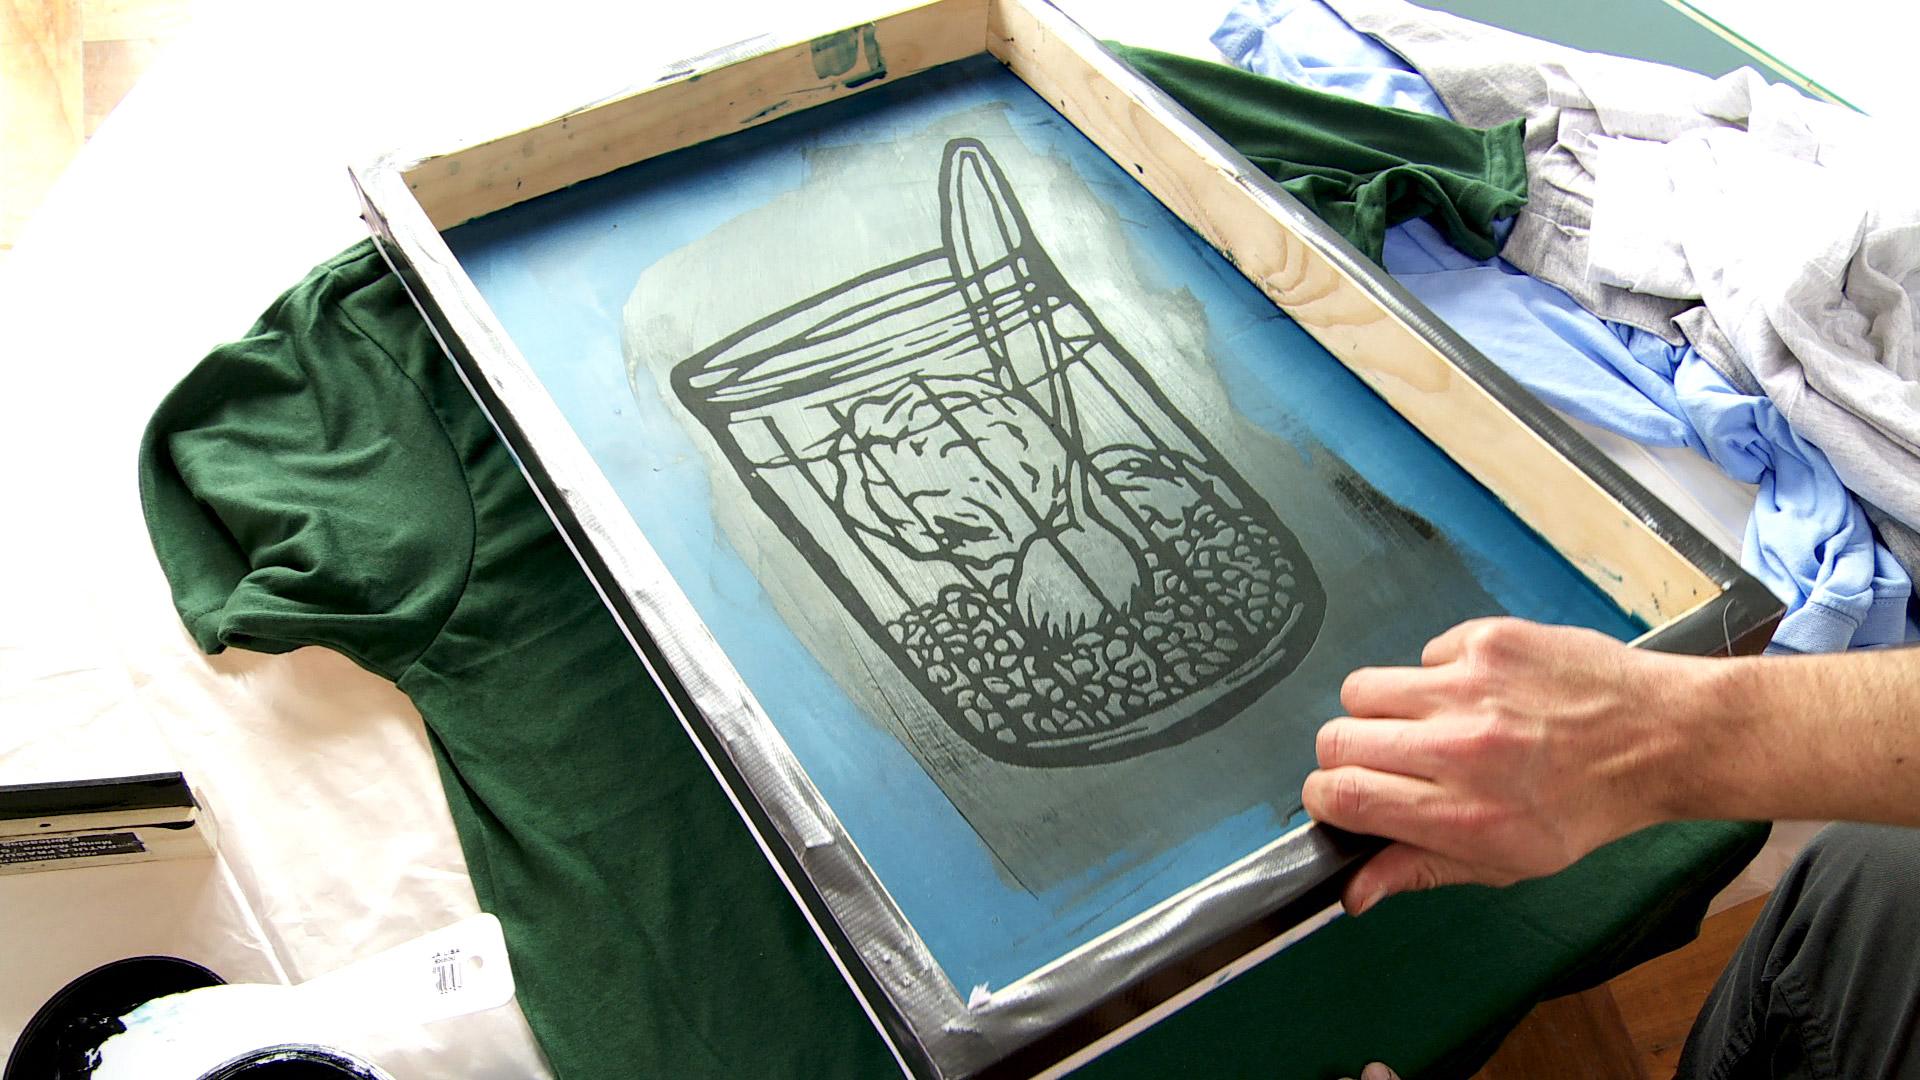 Para traspasar un dibujo o fotografía a una tela la técnica de serigrafía es muy buena, con una excelente terminación, además aprender a hacer serigrafía es muy útil porque se puede aplicar a otros usos.